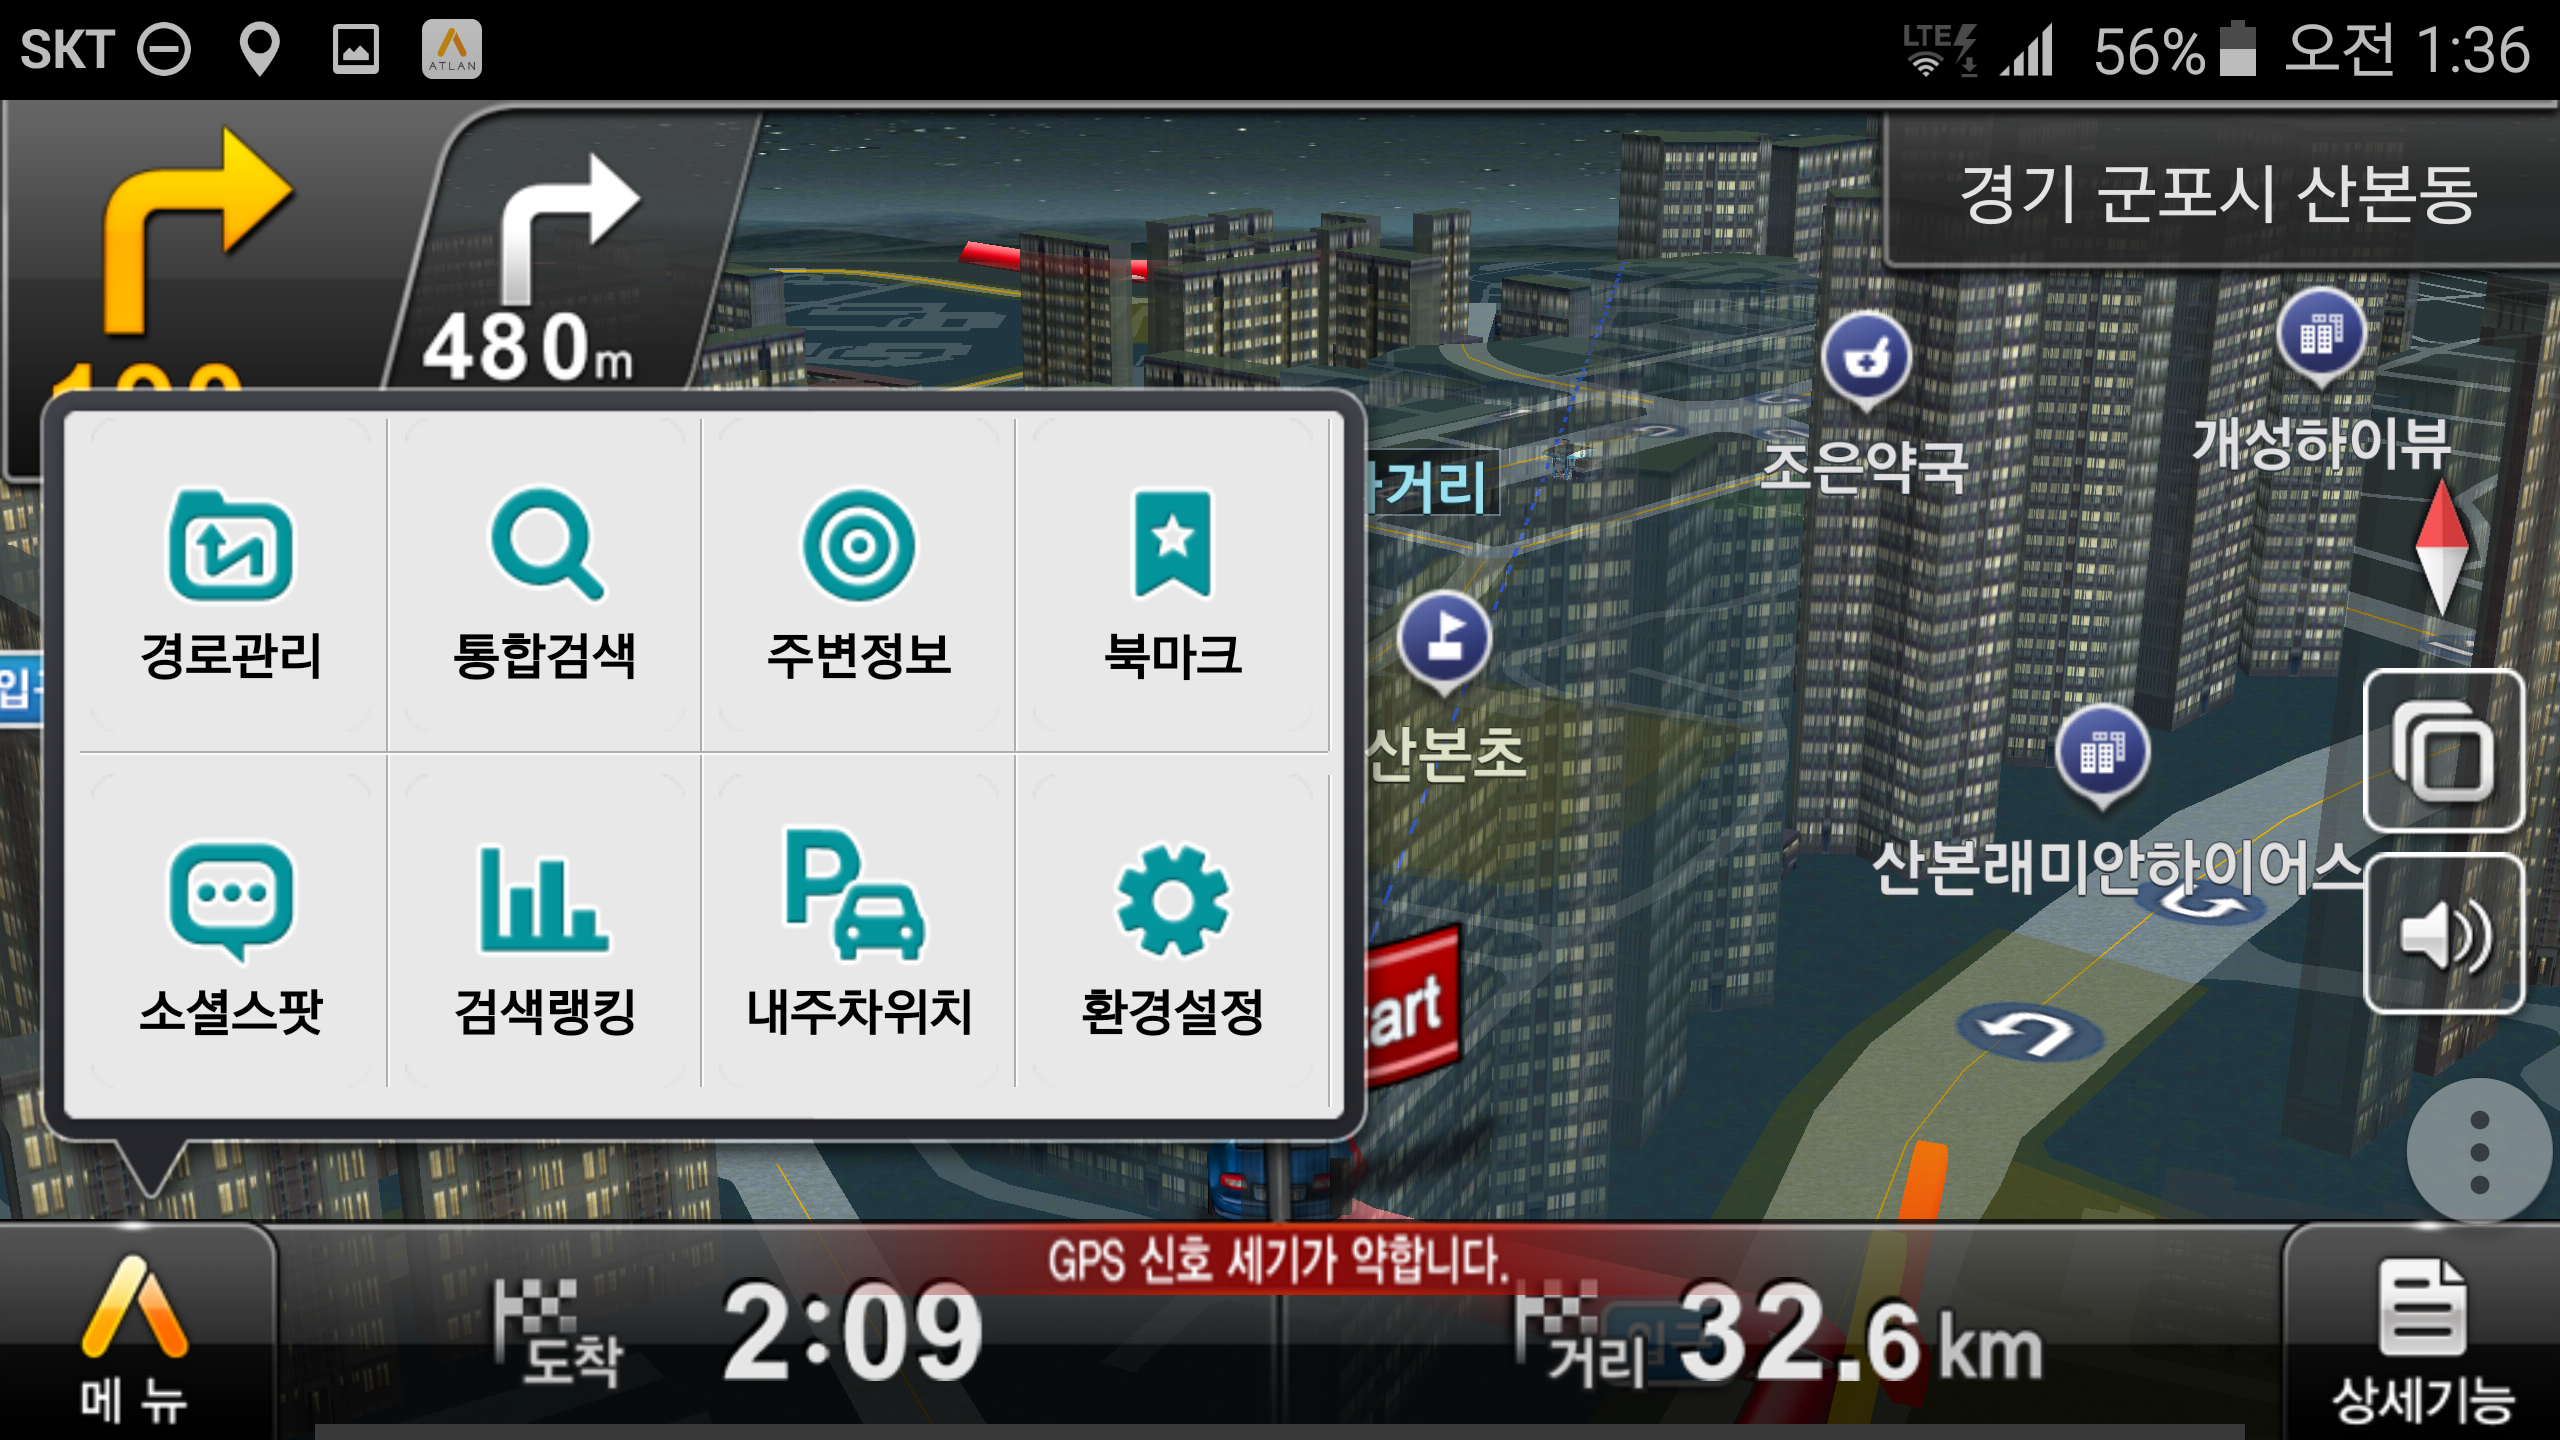 무료 네비게이션 어플, 아틀란3D ,사용, 후기,IT,모바일,어플,앱,네비게이션,네비게이션 어플,네비어플,네비,실시간 3D맵,무료 네비게이션 어플 아틀란3D 사용 후기를 올려봅니다. 최근에 갤럭시S6으로 바꾸고 난뒤 기존에 사용해던 앱을 대대적으로 정리를 했습니다. 이미 사용하던 앱보다 더 좋은 앱을 찾아보고 설치하고 지우기를 반복했죠. 그런데 여러가지 앱을 쓸 수 밖에 없는게 있는데 무료 네비게이션 어플이 그러합니다. 앱마다 선호도가 다르고 계속 업데이트가 되므로 꾸준히 알아보고 확인해 봐야하죠. 아틀란3D를 설치해봤는데 이 앱의 특징은 3D맵 및 2D 맵을 지원하는것은 물론 실시간 상세지도를 지원해서 따로 맵을 받지 않더라도 바로 사용이 가능 합니다. 급하게 무료 네비게이션 어플인 아틀란3D를 설치하고 바로 차량으로 운행을 해도 문제가 없다는 것이죠. 그리고 무료인데도 광고가 전혀 없습니다. 실시간 교통정보를 보여주는것은 물론 모의주행, 빠른길찾기, 소셜정보 제공등 다양한 정보도 제공 합니다. 설정도 매우 잘 되어있어서 사용자들의 까다로운 성향에 맞춰서 다양한 설정이 가능 합니다.